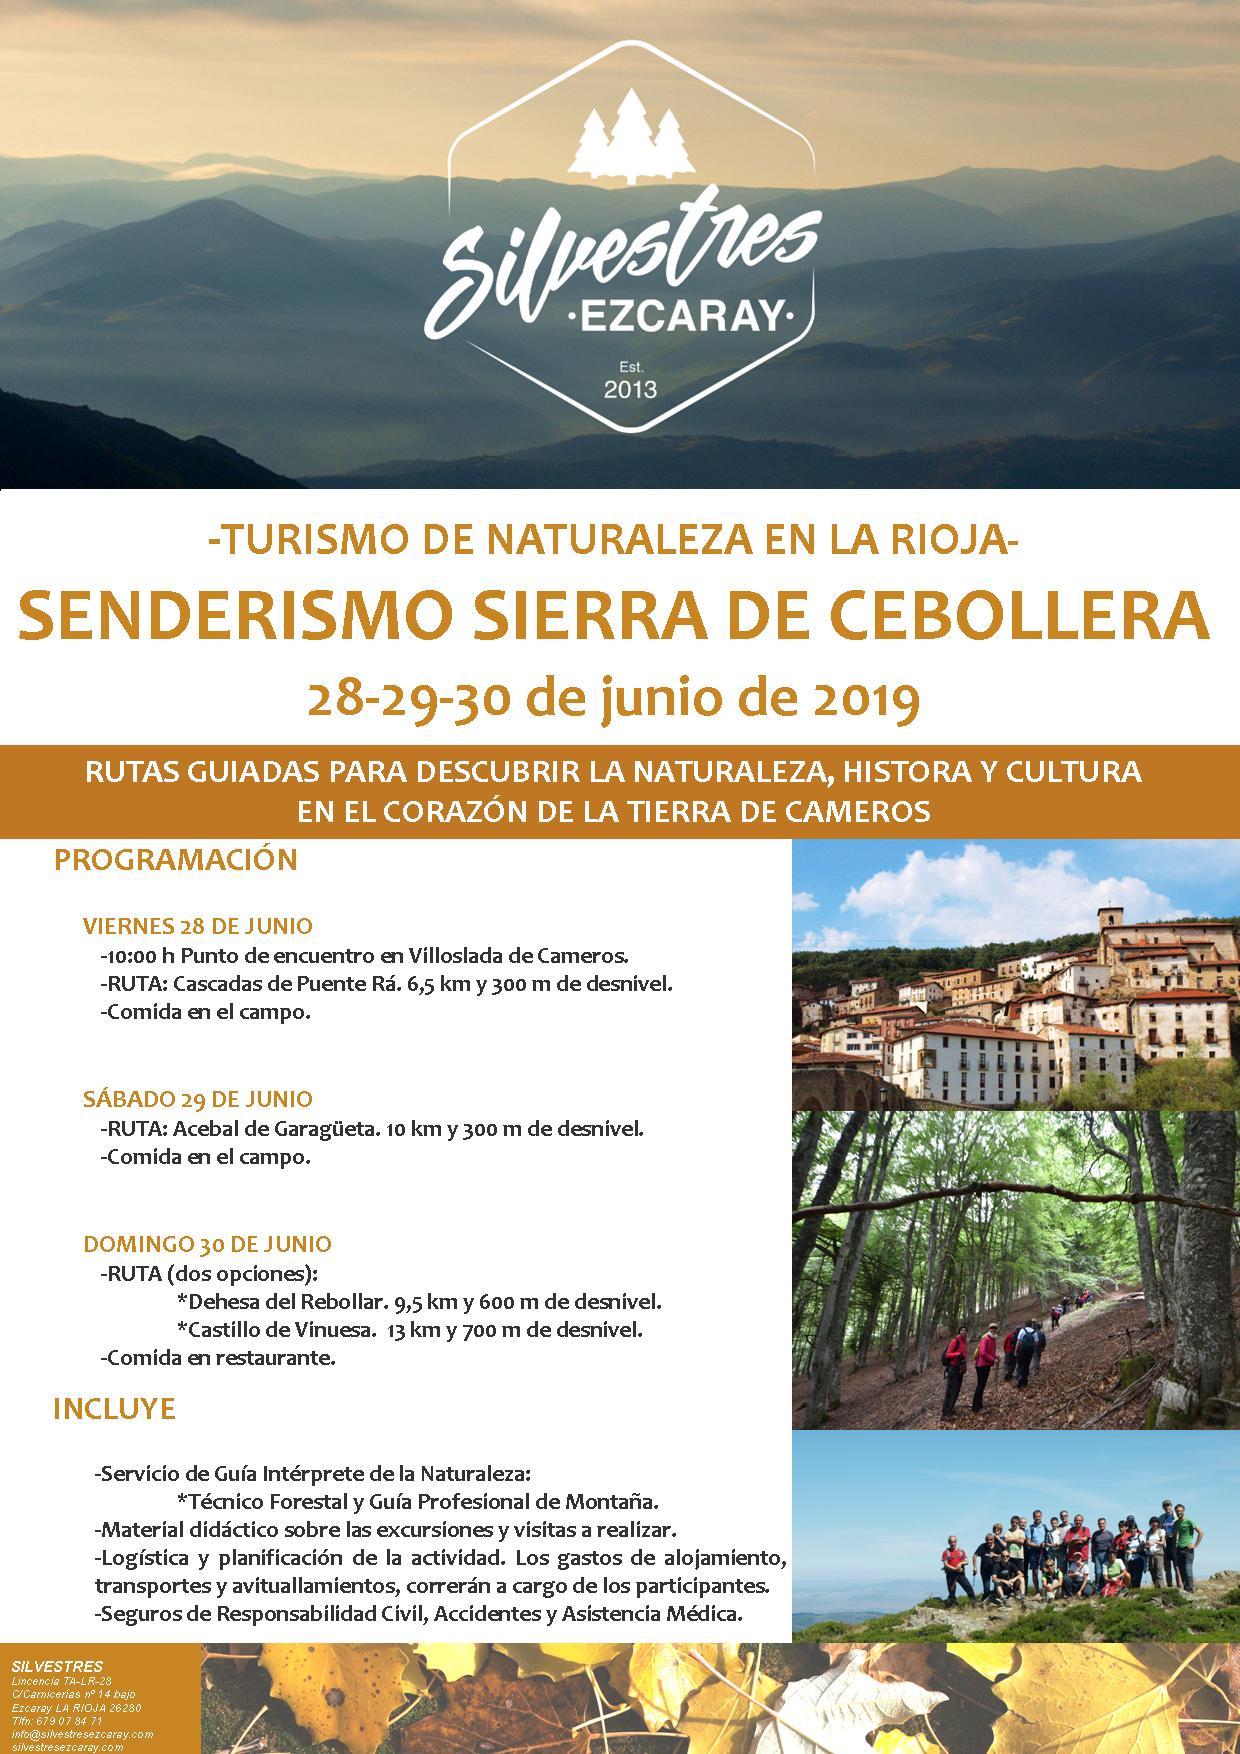 excursiones_rutas_senderismo_sierra_cebollera_cameros_la_rioja_guia_montaña_ezcaray